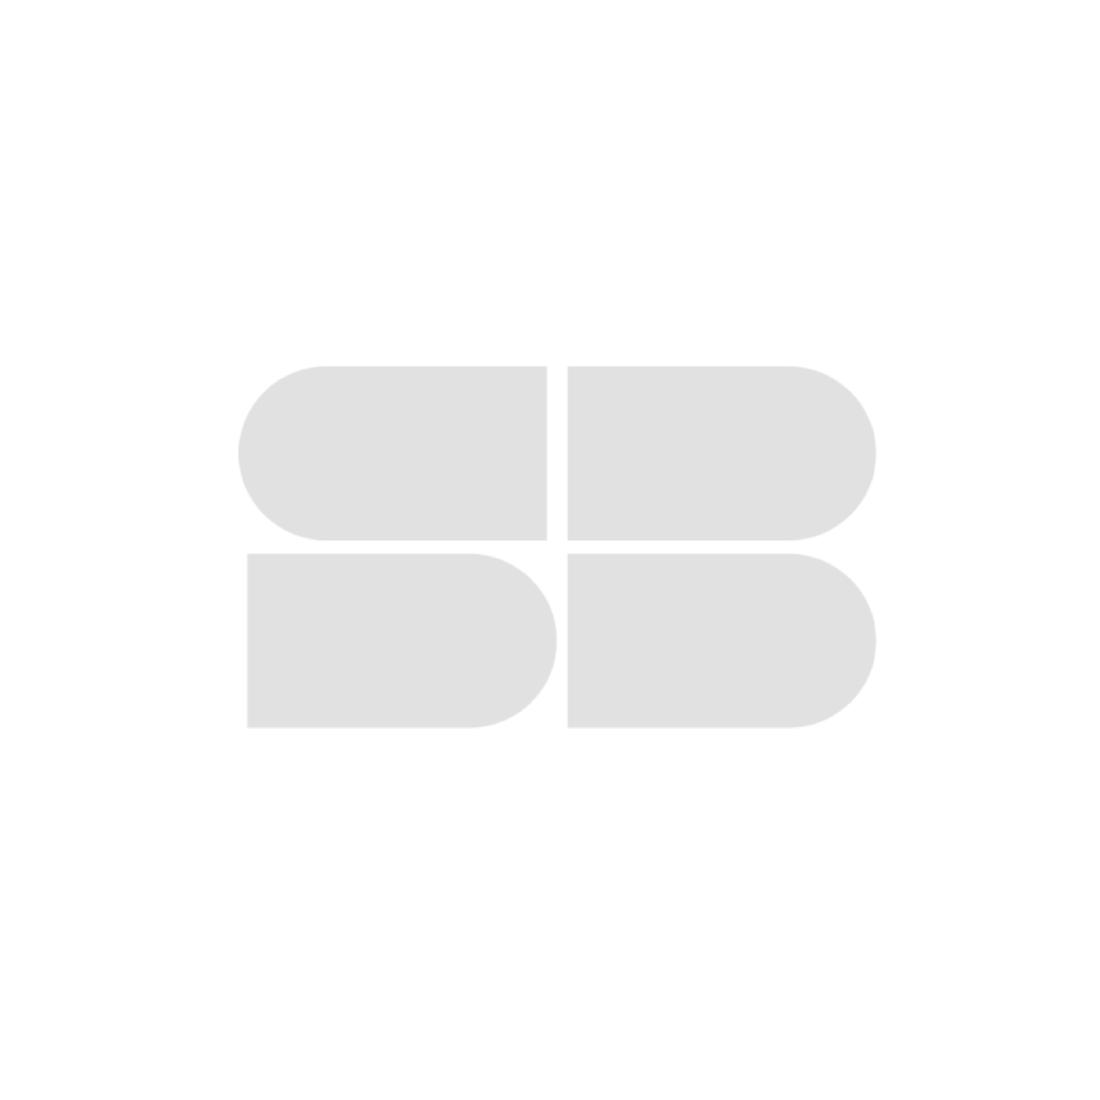 RESTONIC ที่นอน รุ่น REFLEX 3650 5 ฟุต พร้อมของแถม 5 รายการ